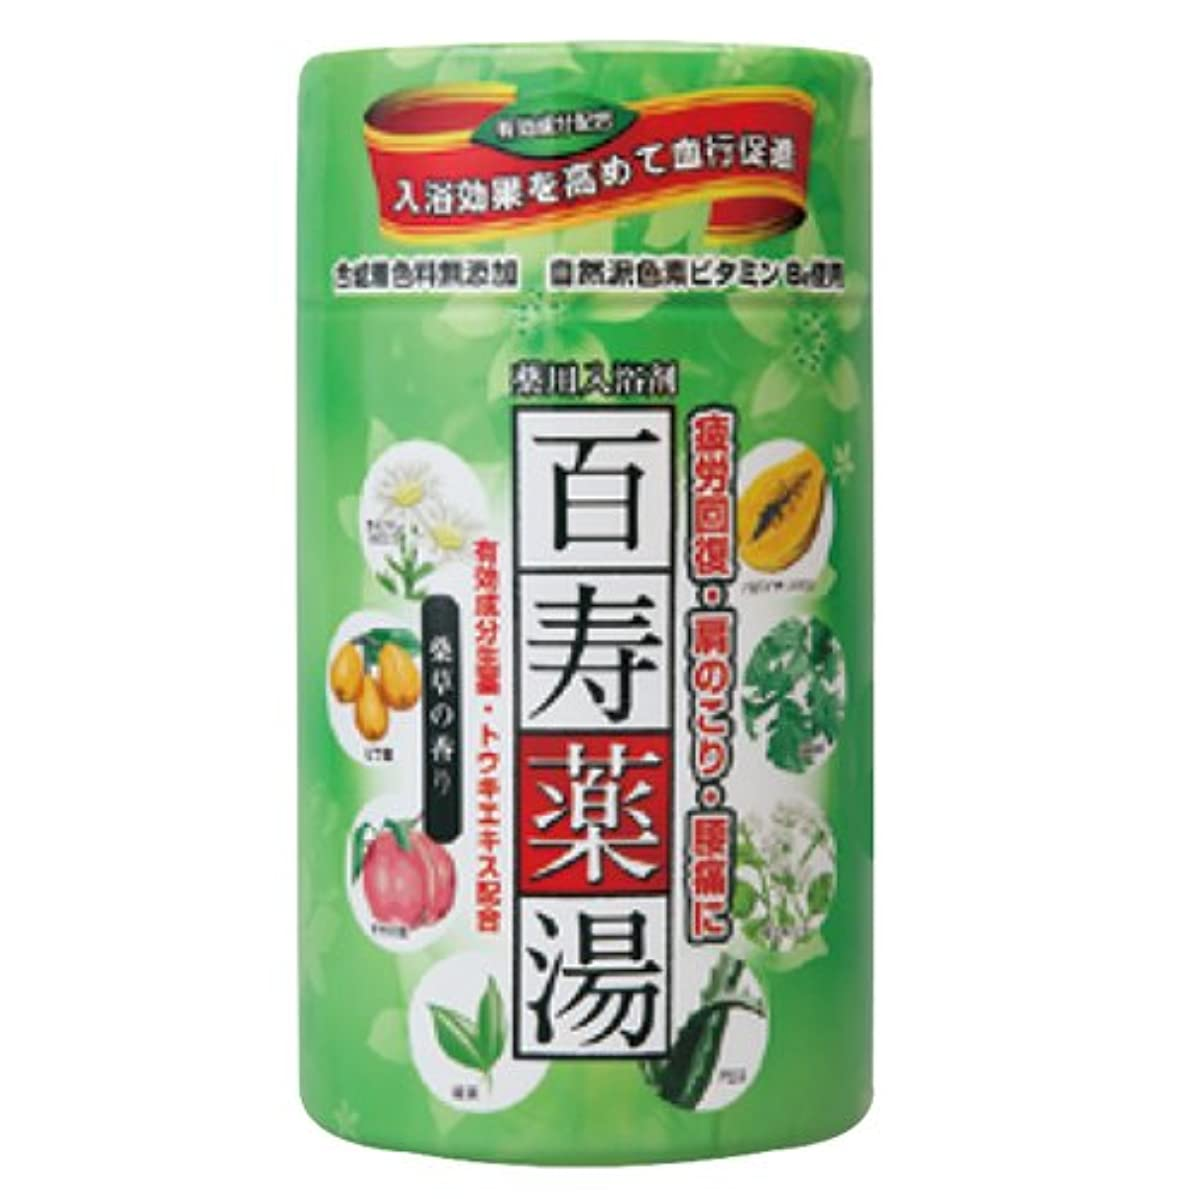 ムスタチオ規則性感覚百寿薬湯 1050g